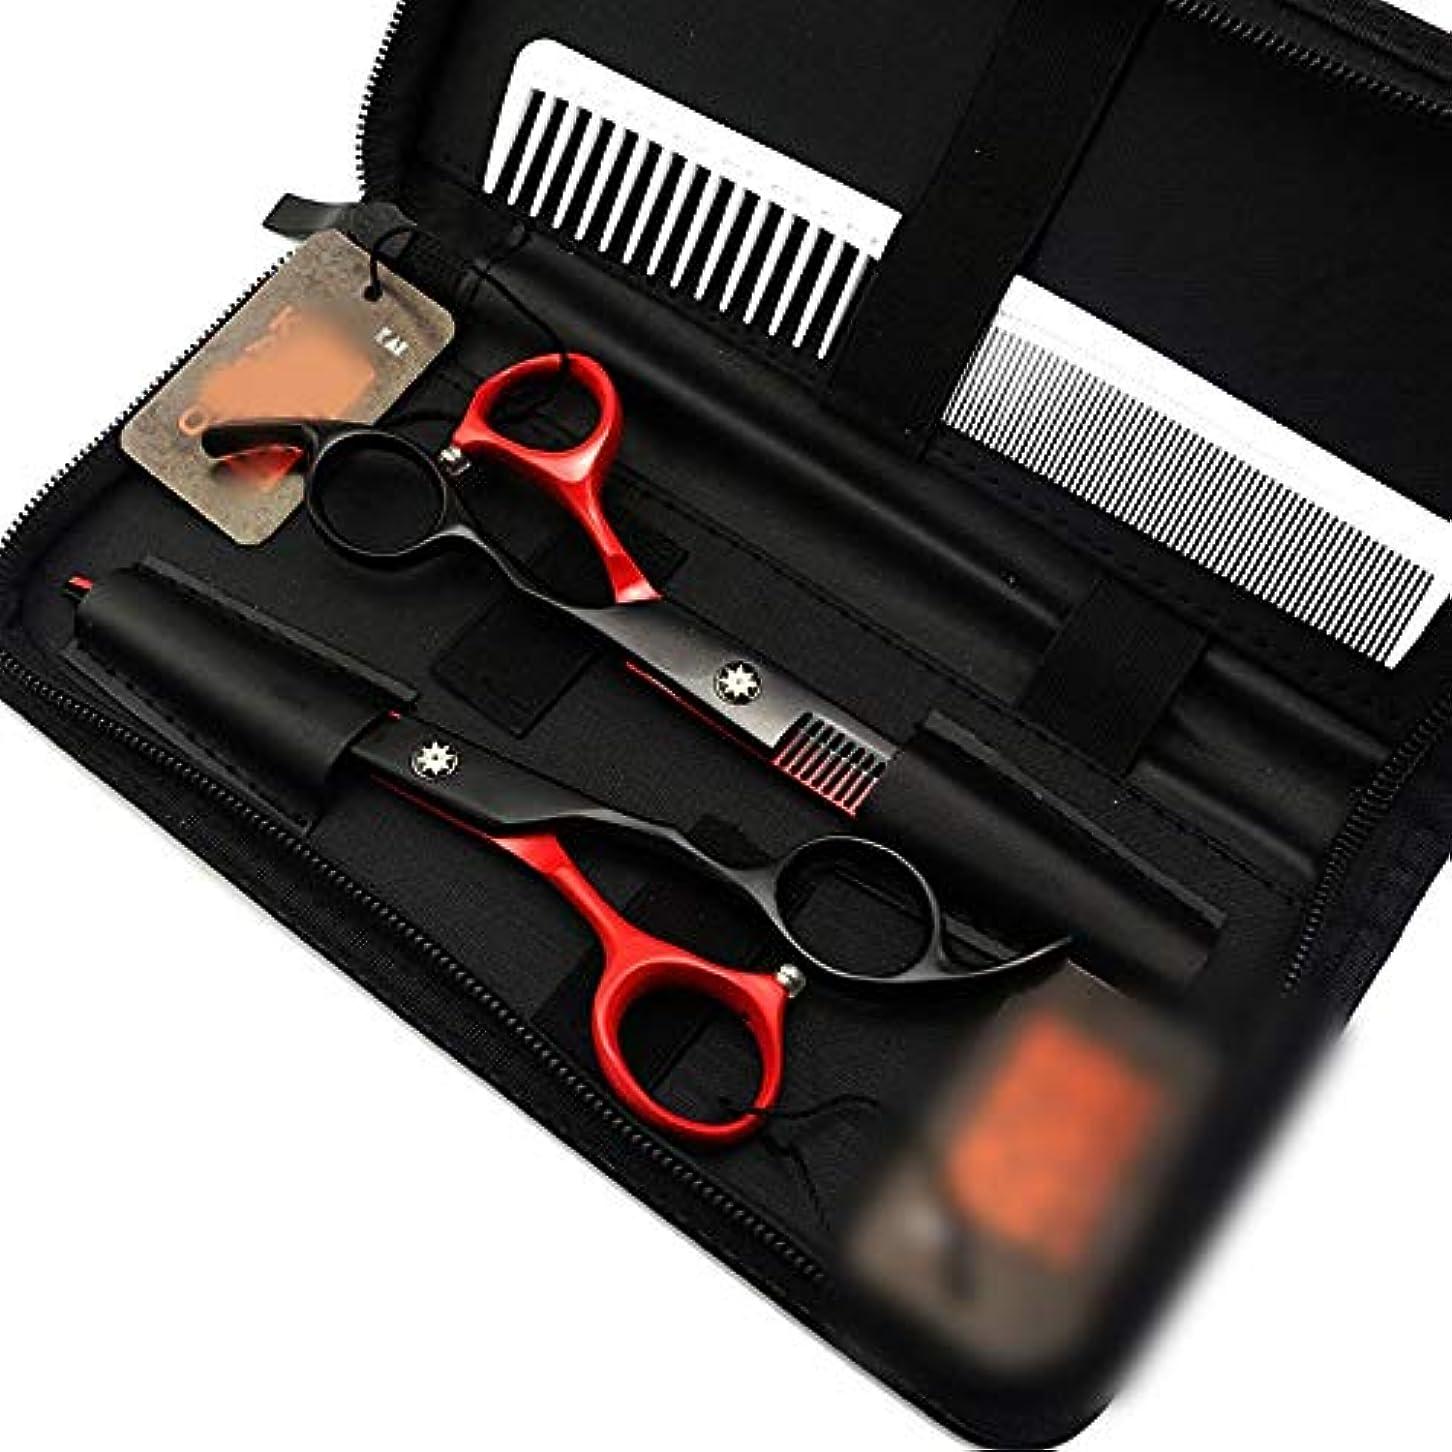 誠実メダリストリブ理髪用はさみ 6.0インチ黒赤フラット+歯はさみセット、プロの理髪はさみツールセットヘアカットはさみステンレス理髪はさみ (色 : Black red)